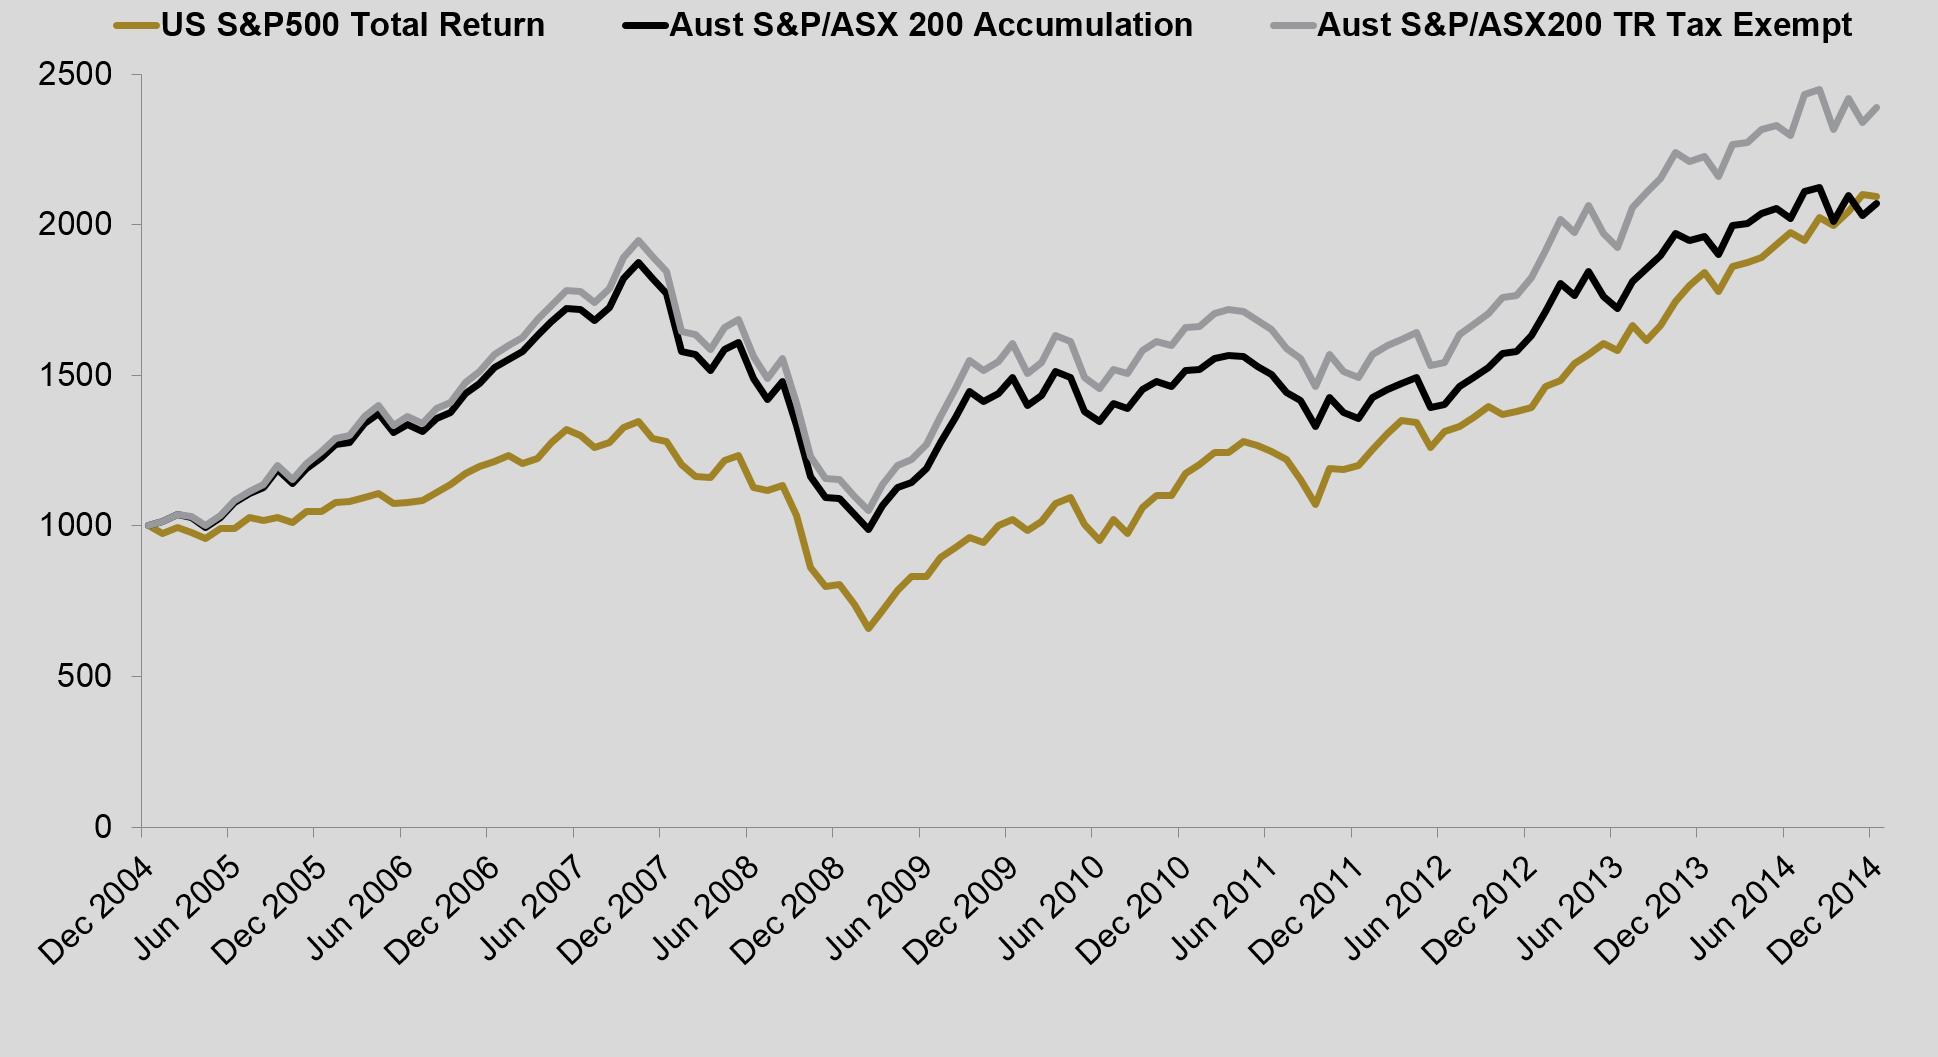 Figure 3. S&P500 versus S&P/ASX200Total Returns over 10 years to 31 Dec 2014